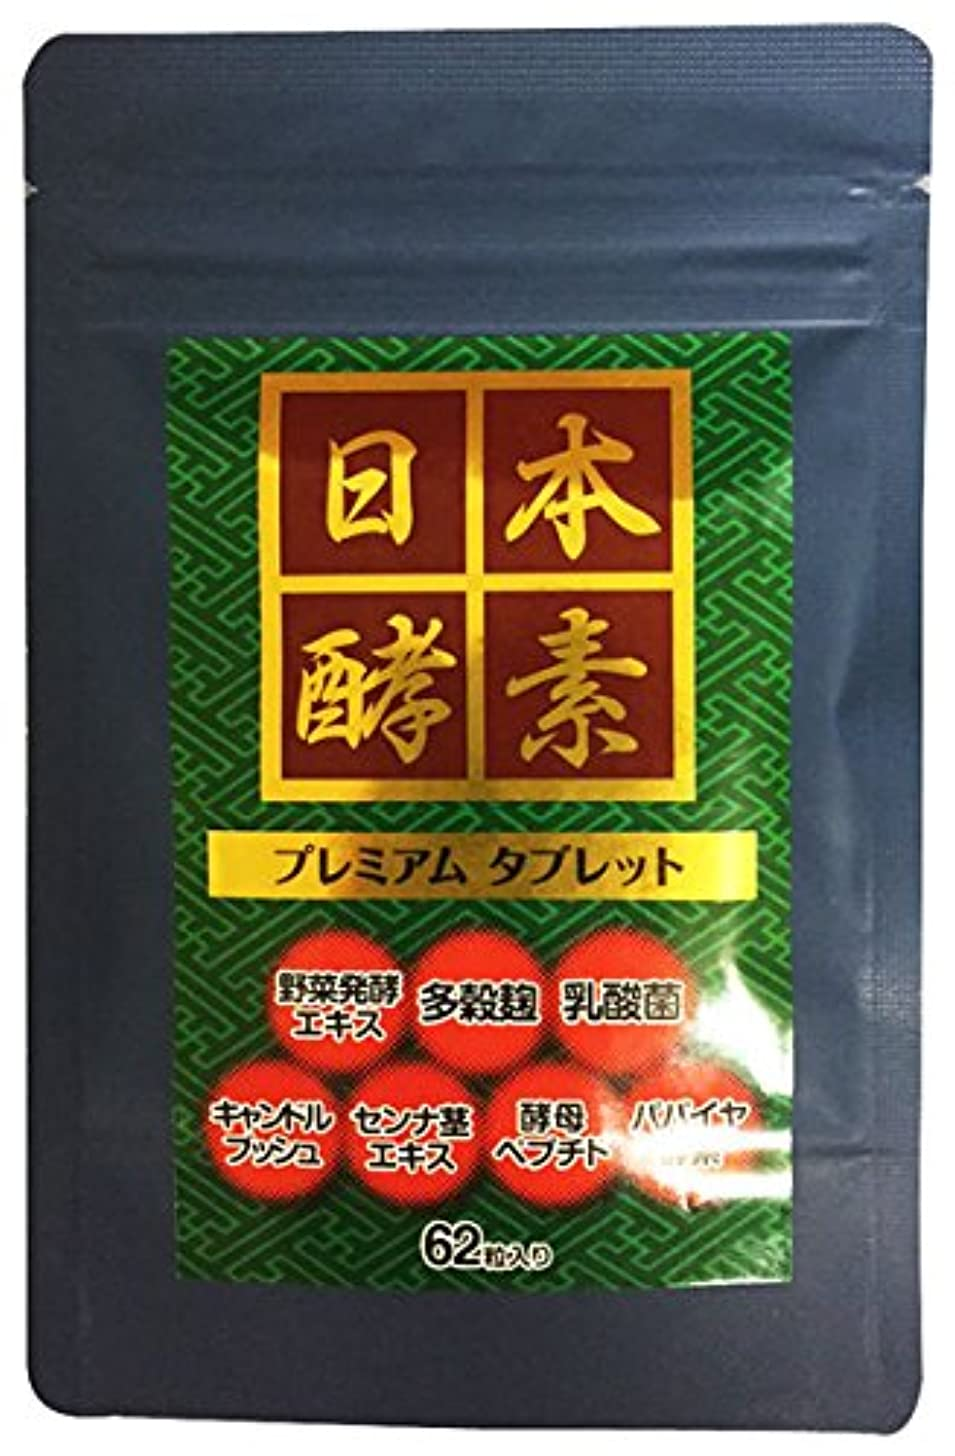 熟読するバイソン一部日本酵素プレミアムタブレット 62粒